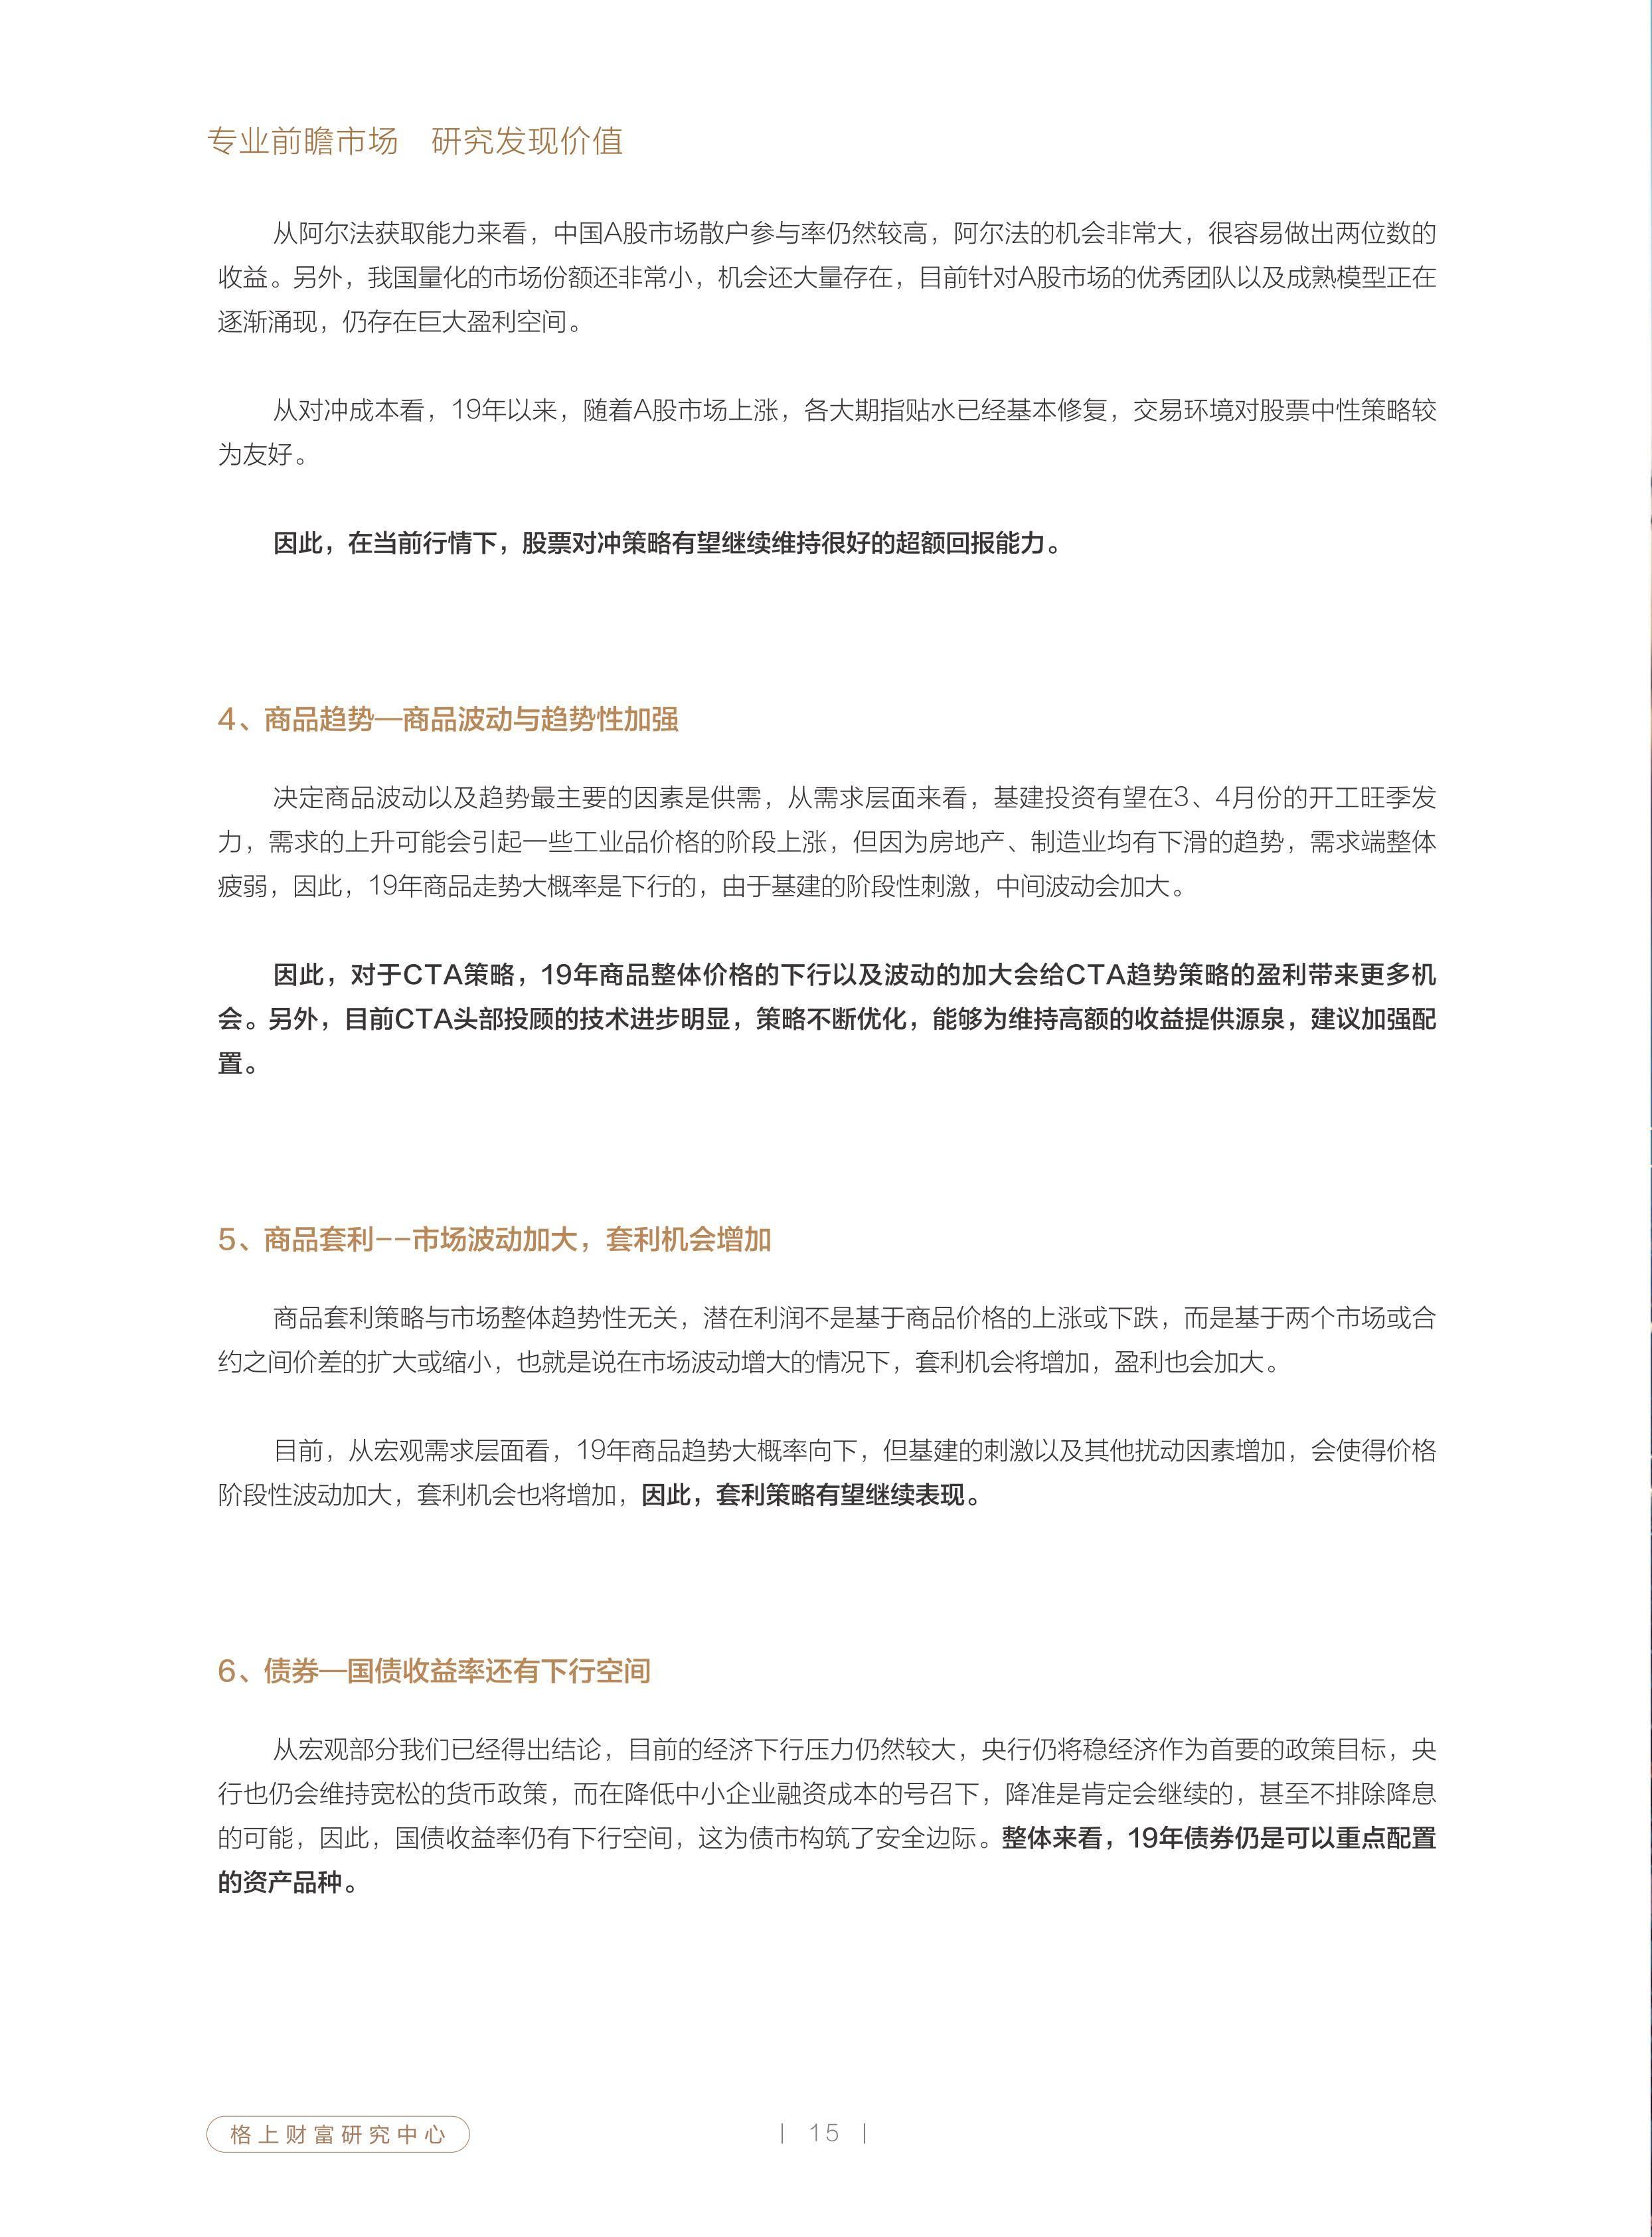 gbm-richtext-upload-1553757959720